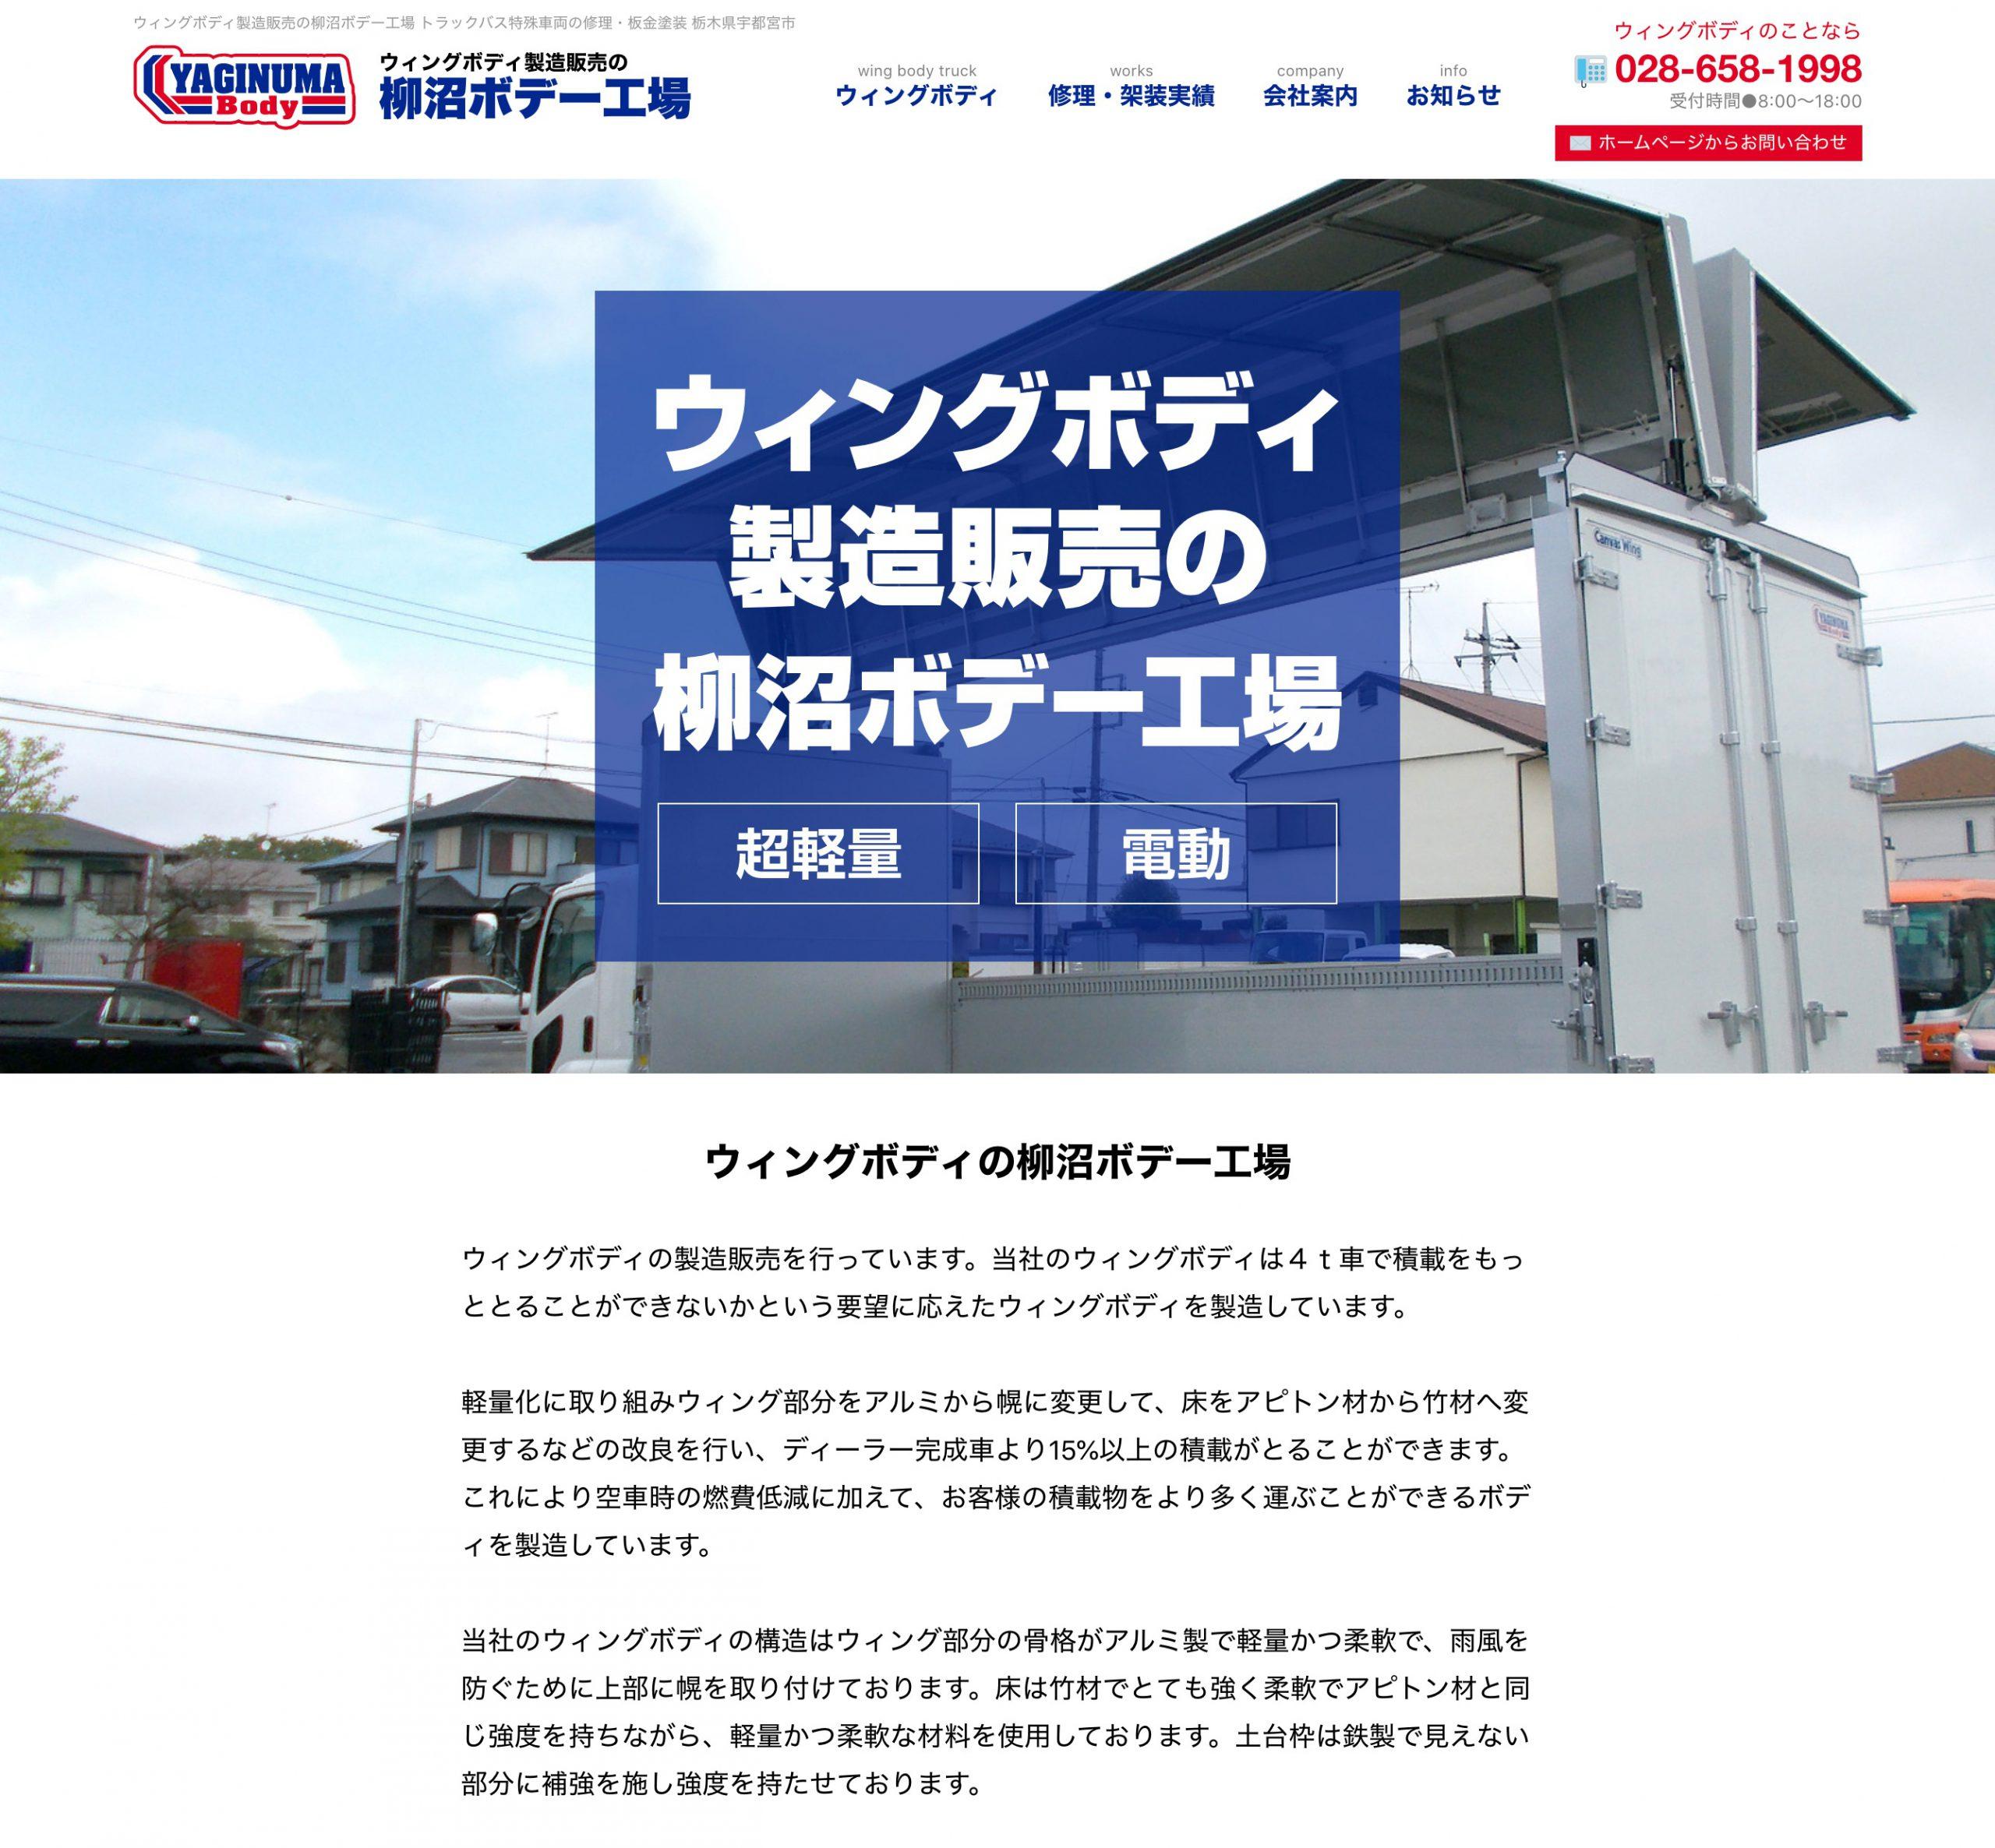 柳沼ボデー工場SEO対策事例